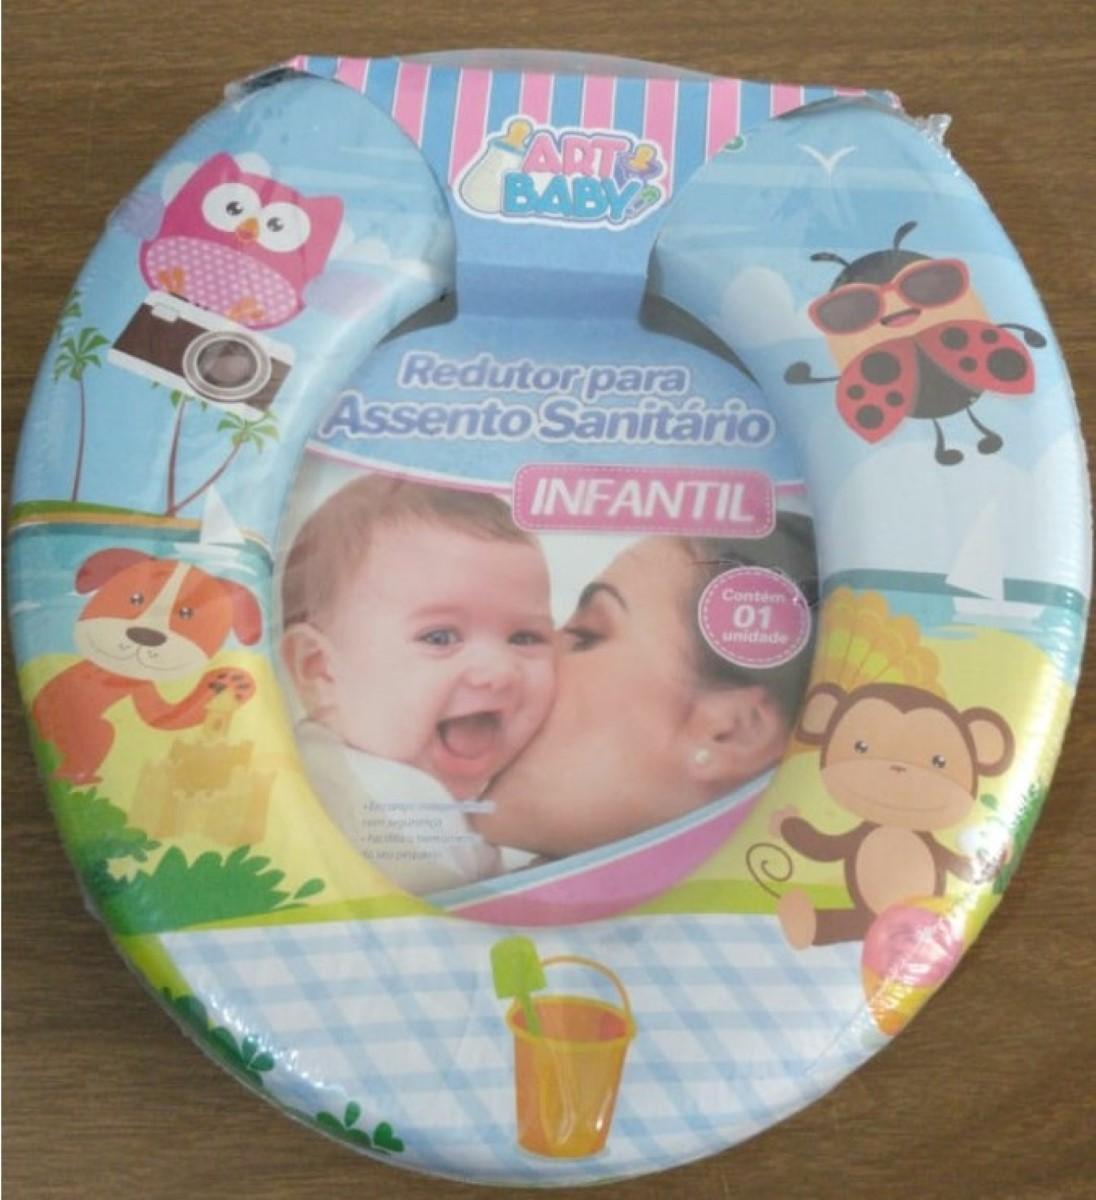 Assento Infantil Acolchoado Redutor Vaso Sanitário Criança.